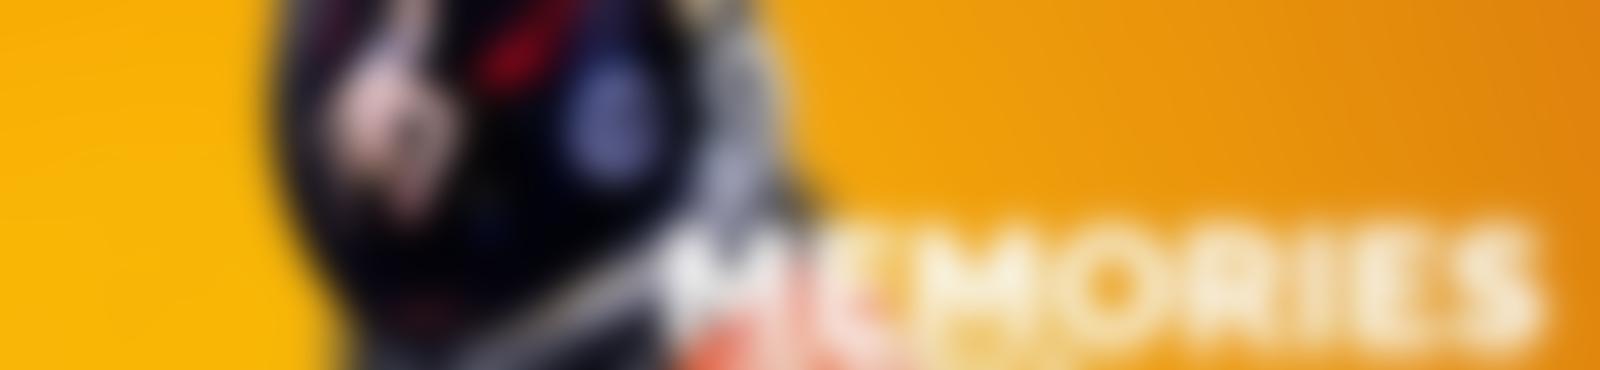 Blurred 1fd544d2 c16c 46f0 8005 c48b82da1719